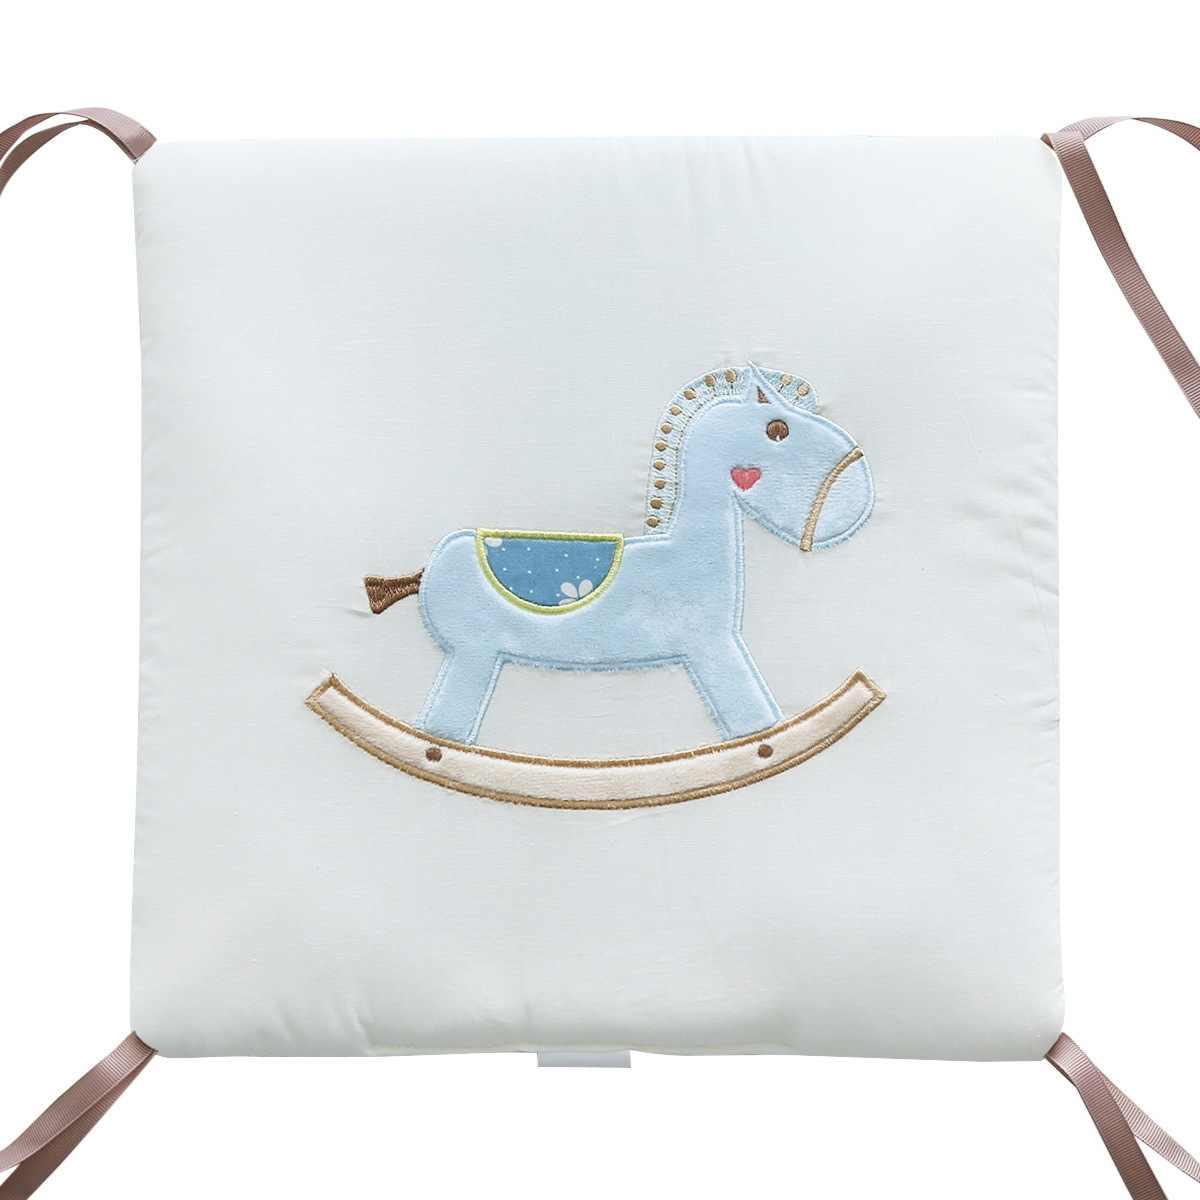 6 יח'\חבילה פגוש מיטת תינוק בעריסה מיטת תינוק מגן פגוש המיטה קומפי עריסה פגוש פעוט תינוקות מיטת מצעים סט